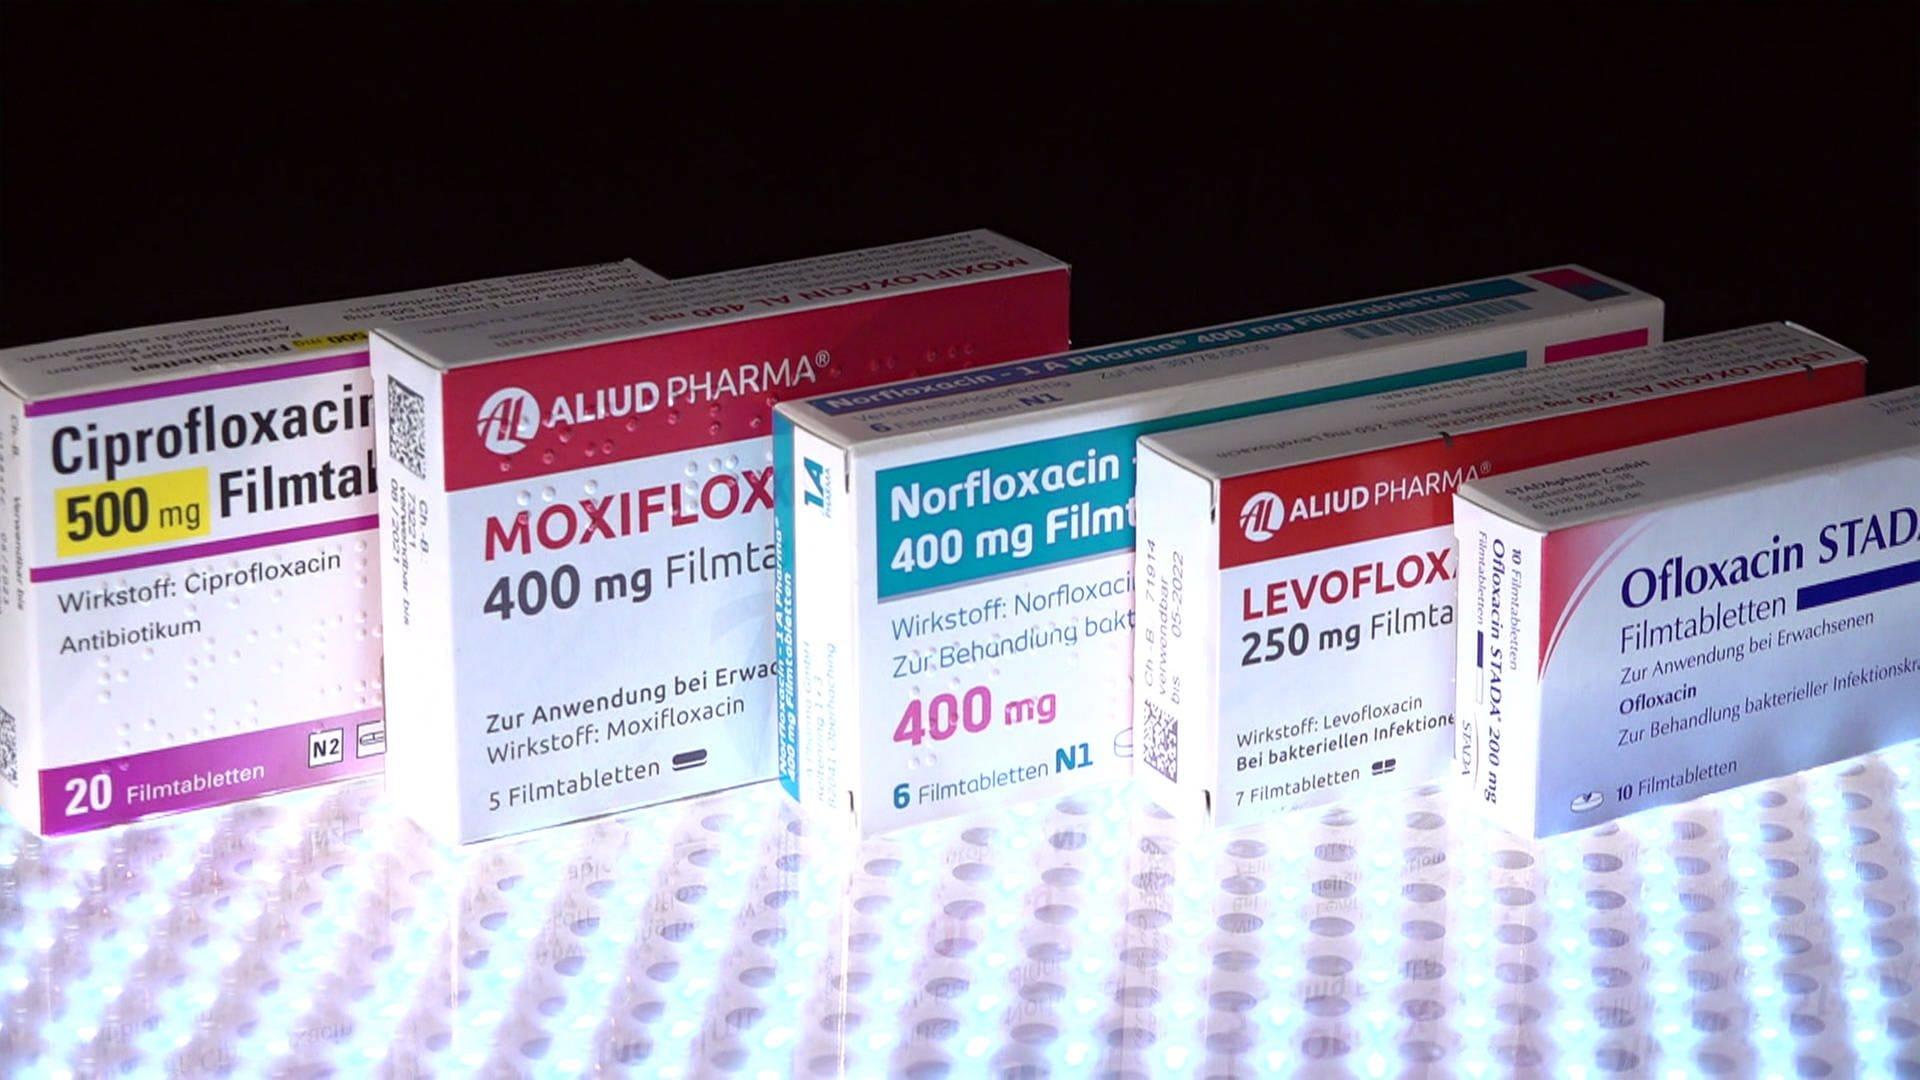 Prostatitisz antibiotikum ofloxacin